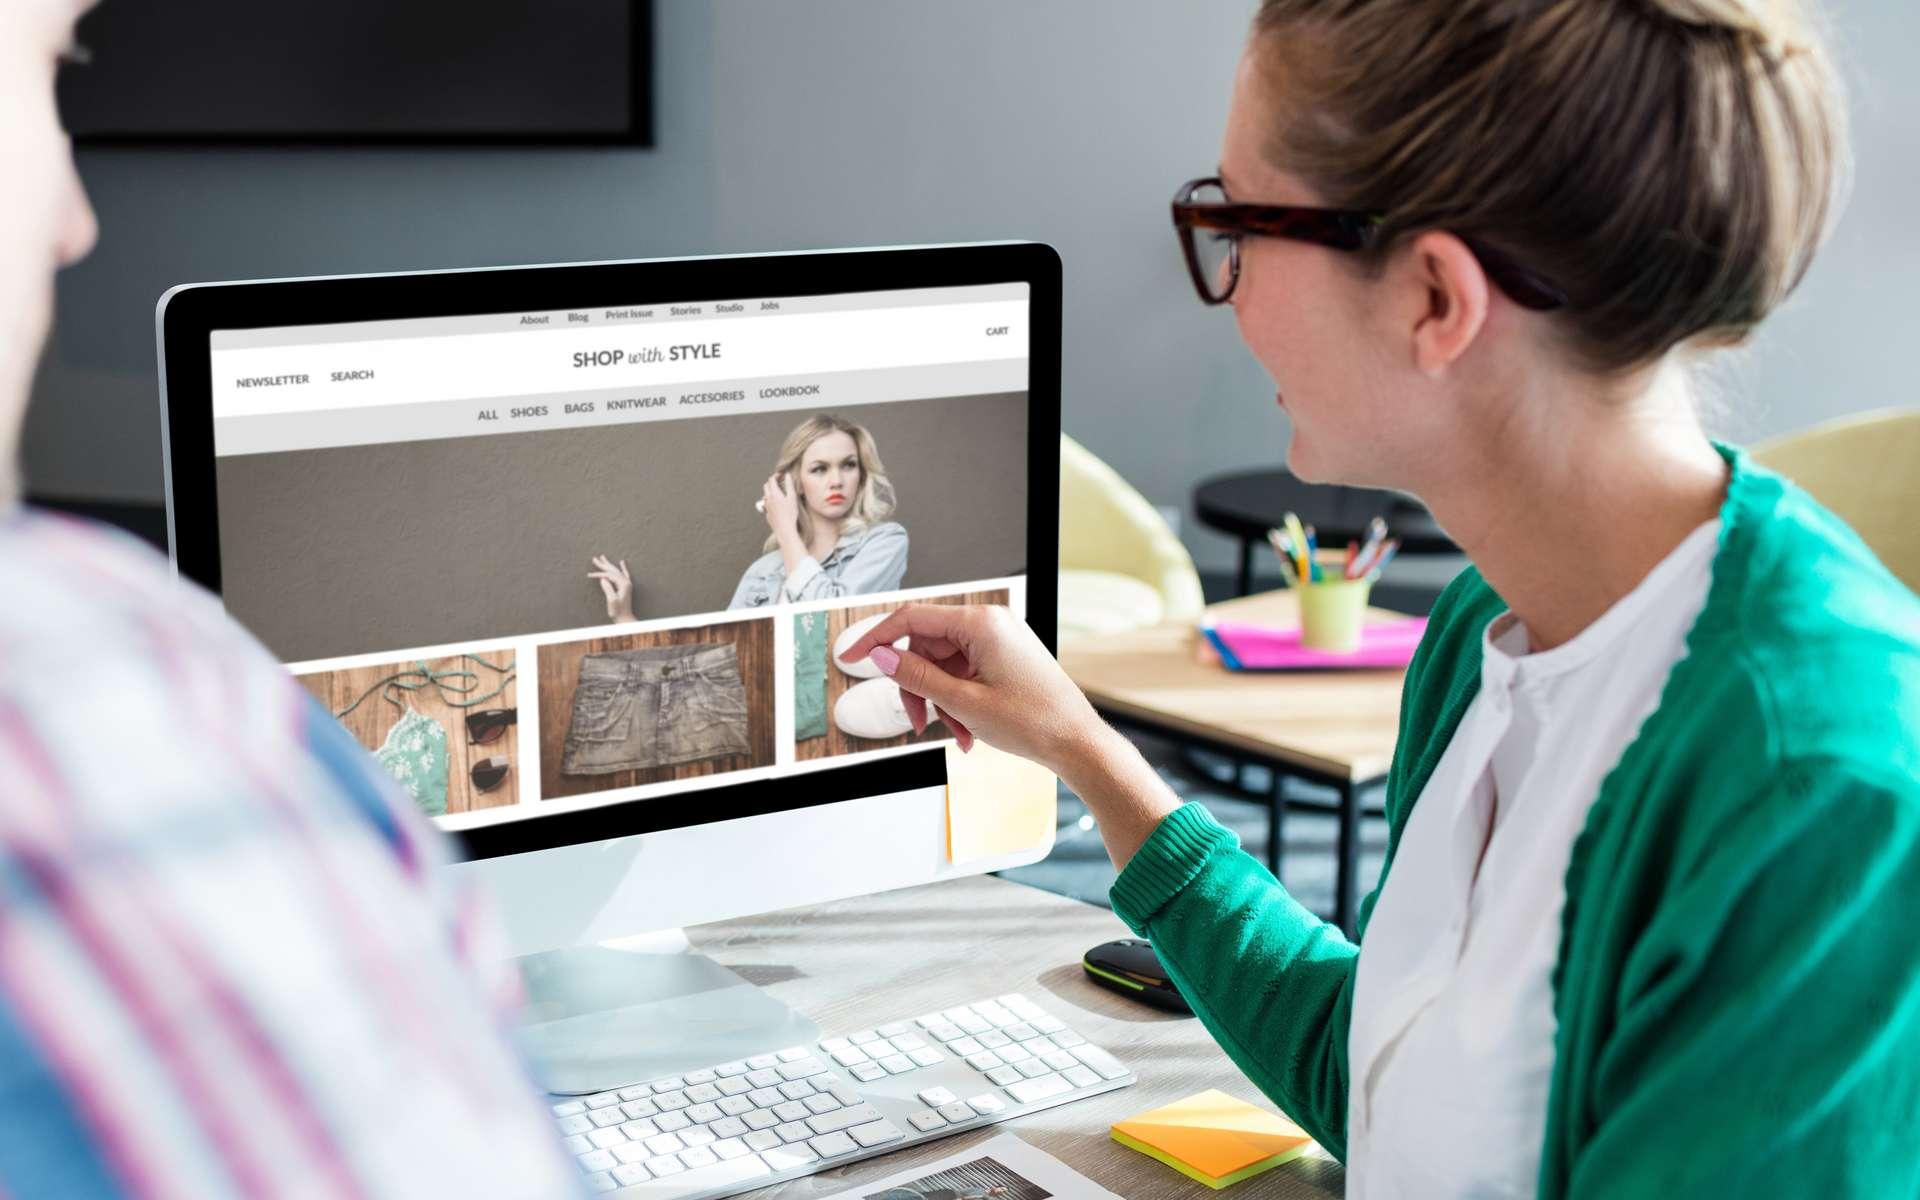 Le responsable e-commerce doit, pour faire progresser les ventes en ligne, s'assurer que le site internet de son entreprise répond aux besoins et au comportement de navigation du client. Il collabore notamment avec les développeurs et l'UX designer. © vectorfusionart, Adobe Stock.